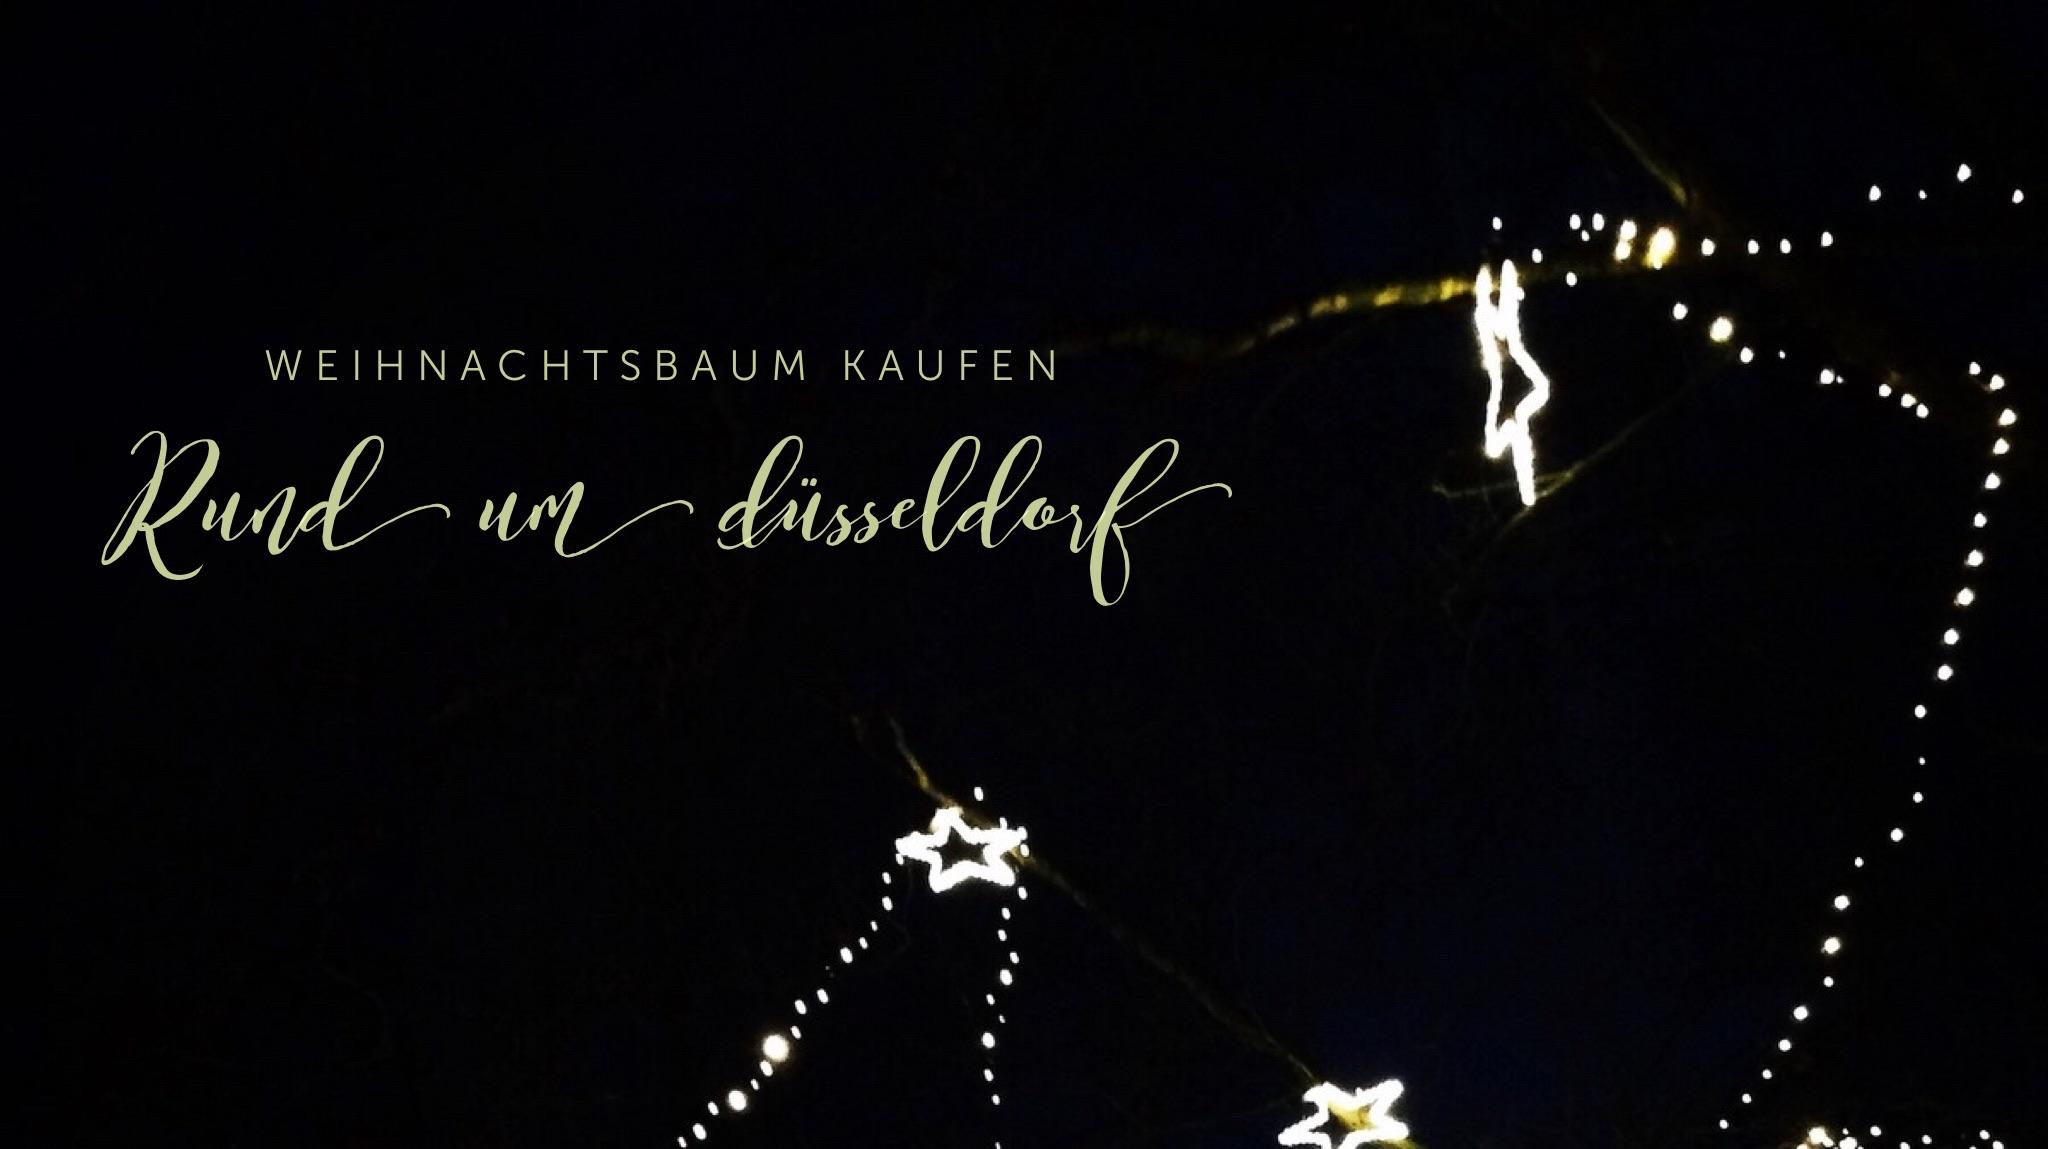 Weihnachtsbäume in Düsseldorf kaufen